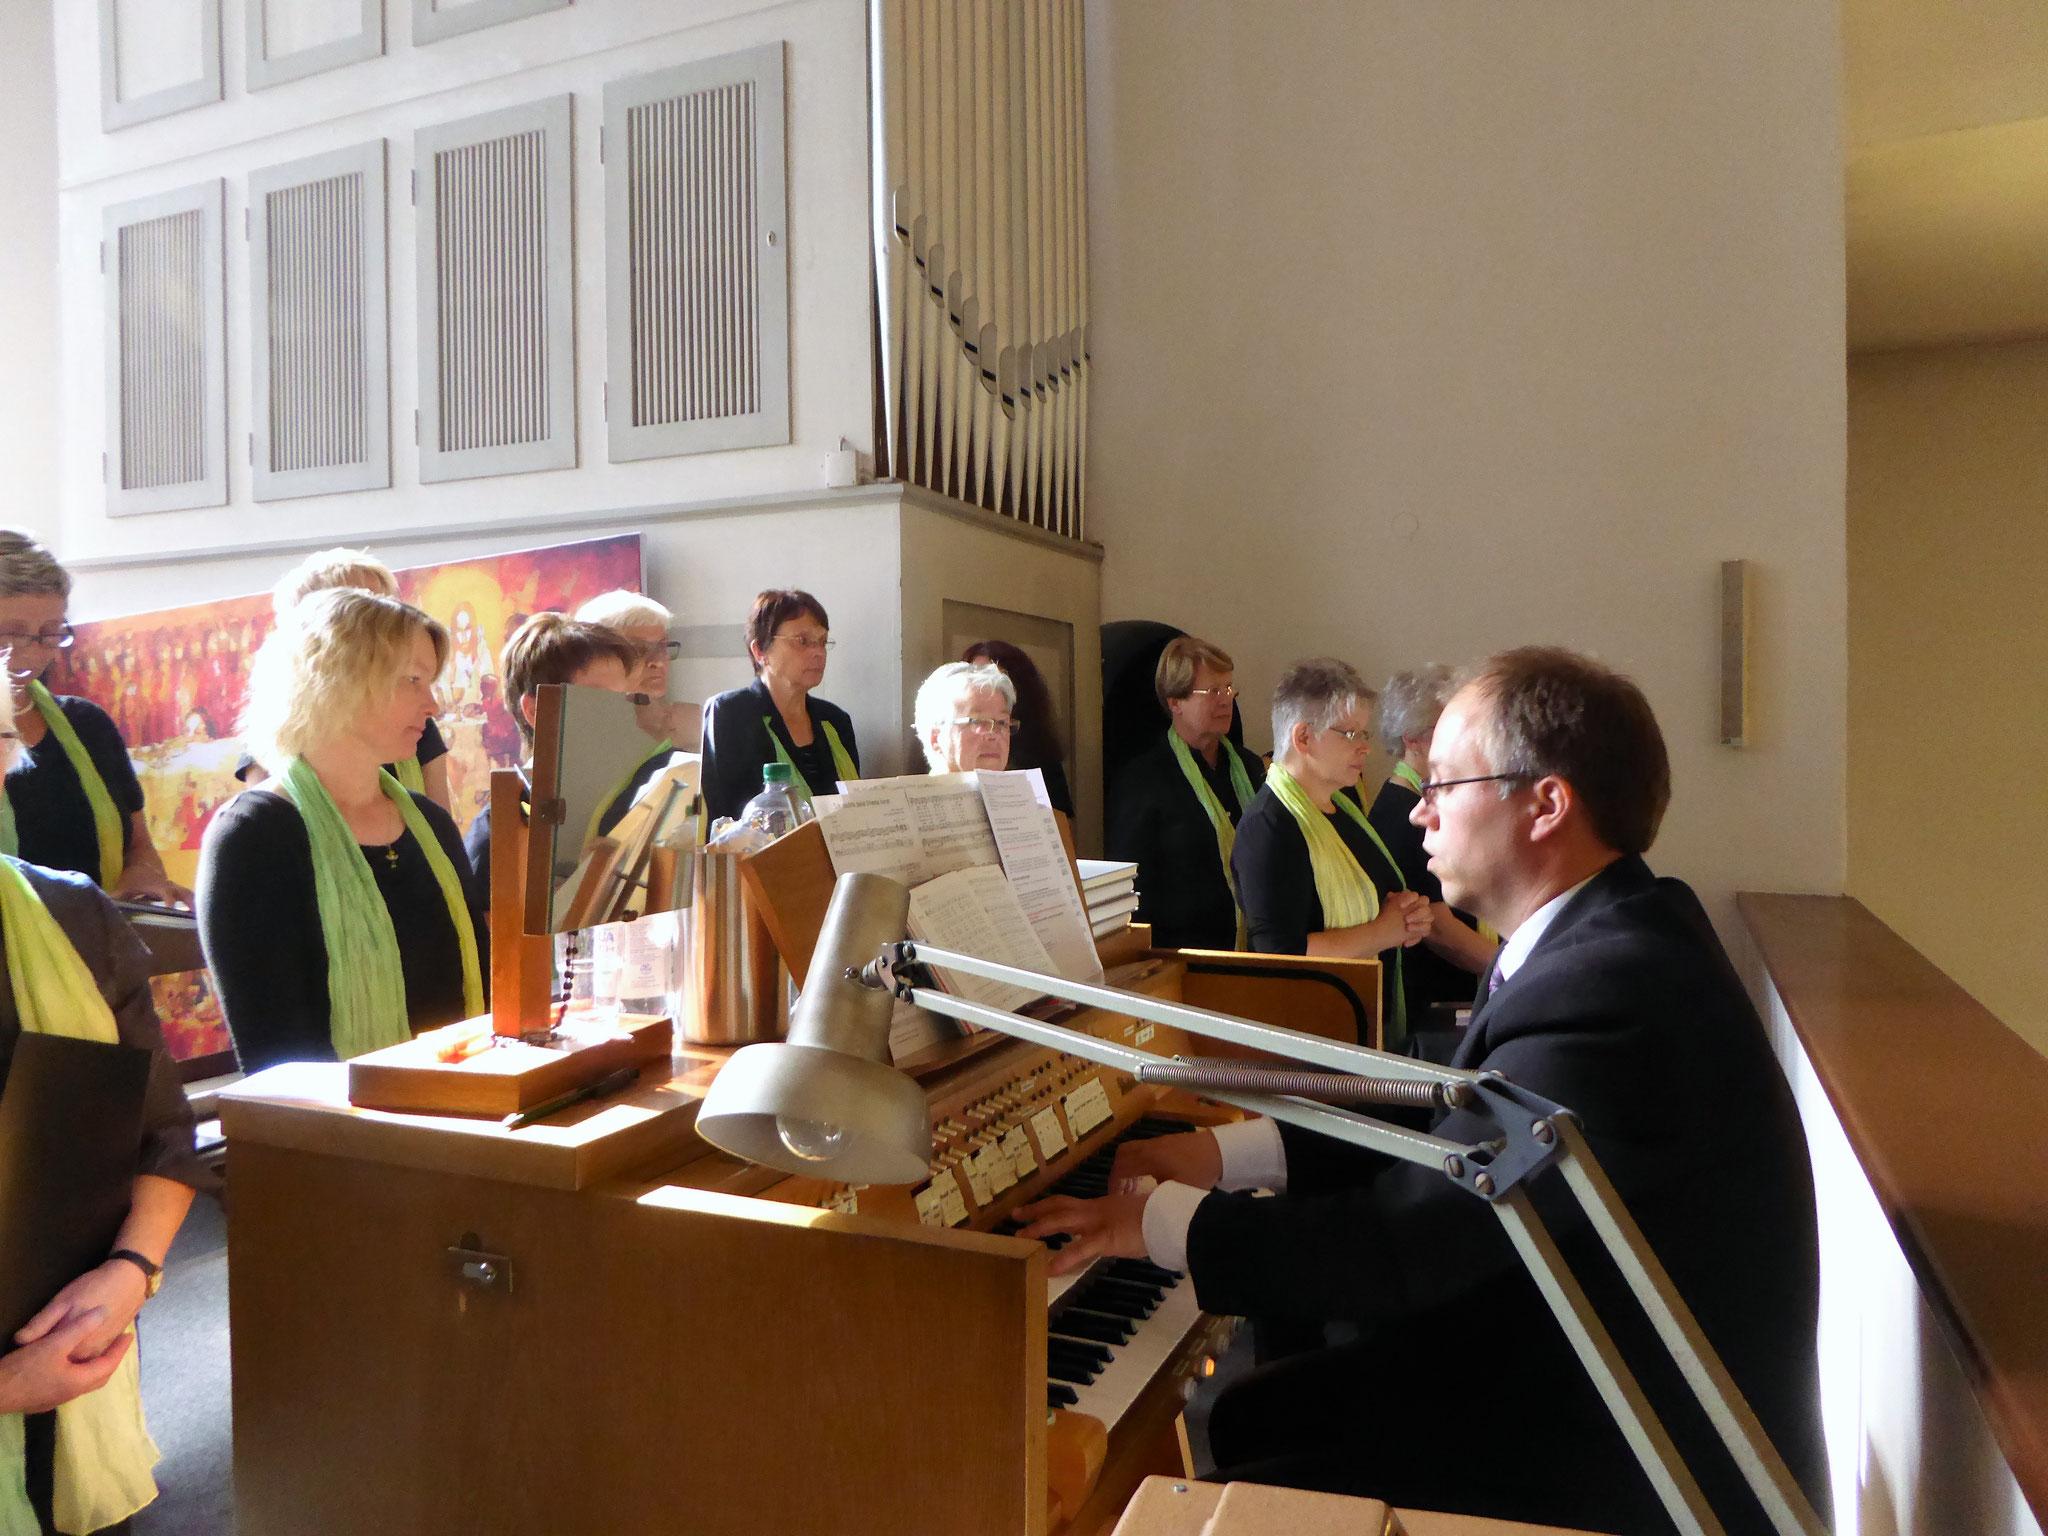 Musikalische Gestaltung durch den St. Ida-Chor, Leitung Jörg Bücker